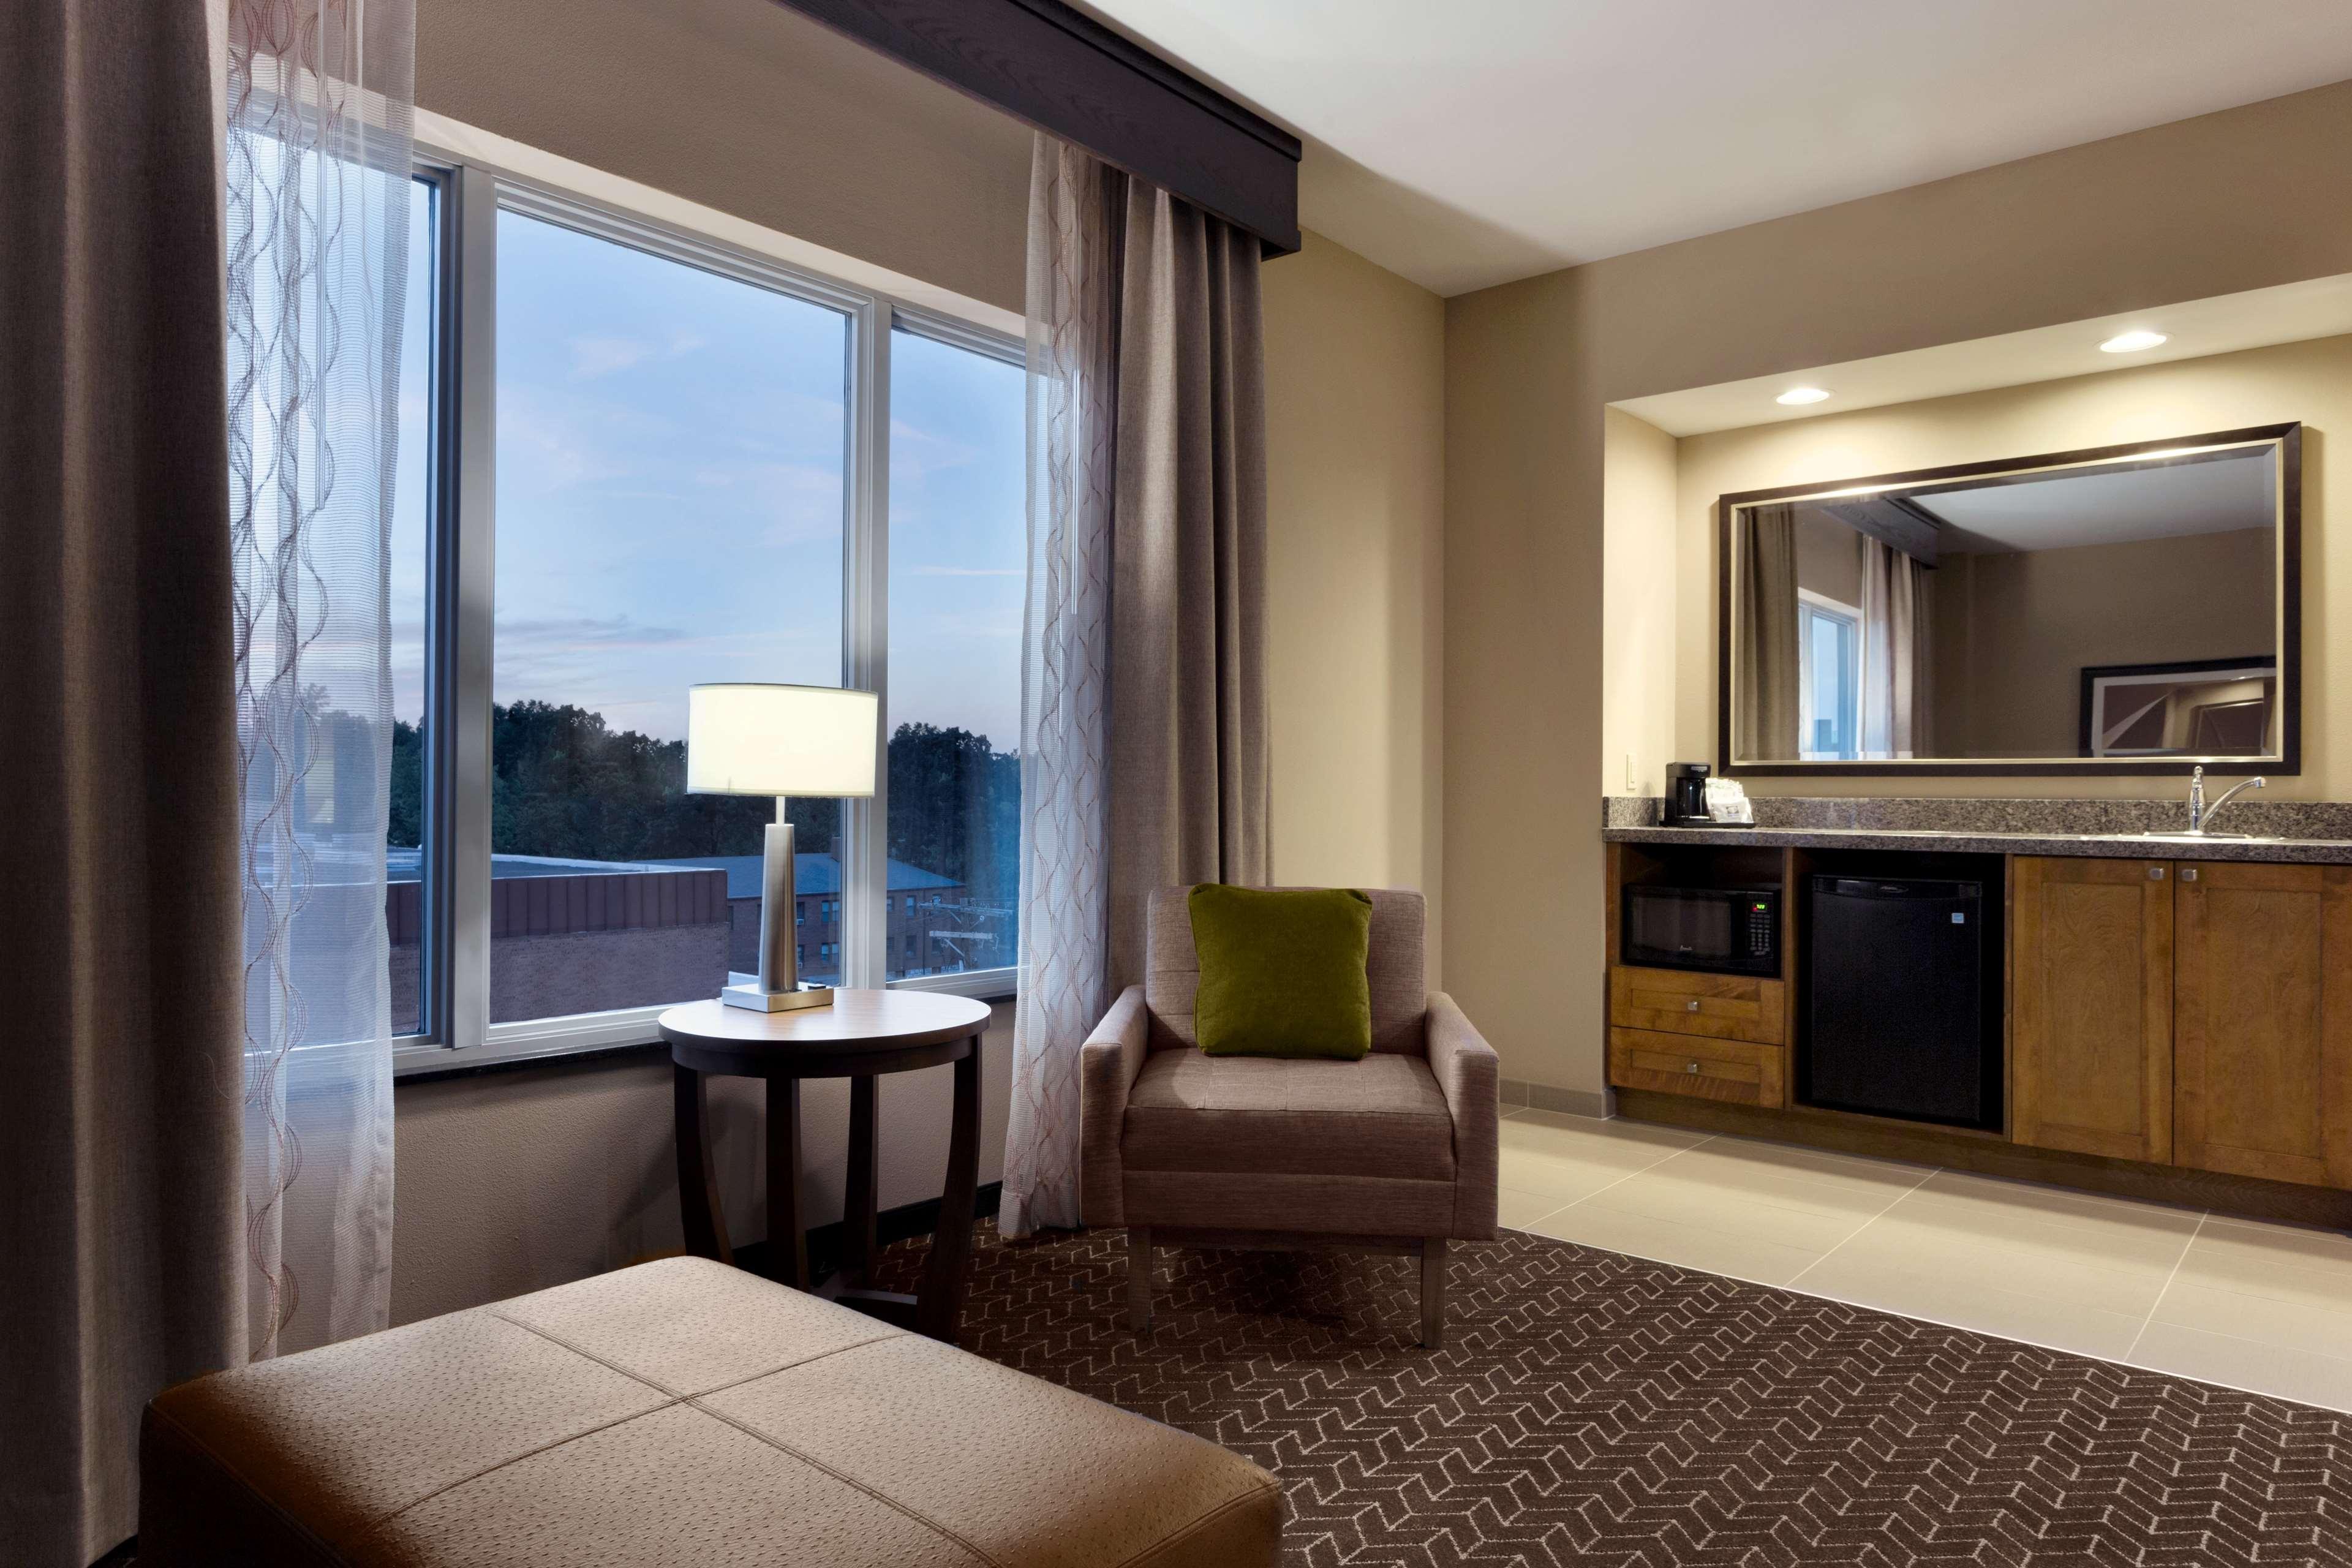 Hampton Inn and Suites Clayton/St Louis-Galleria Area image 24